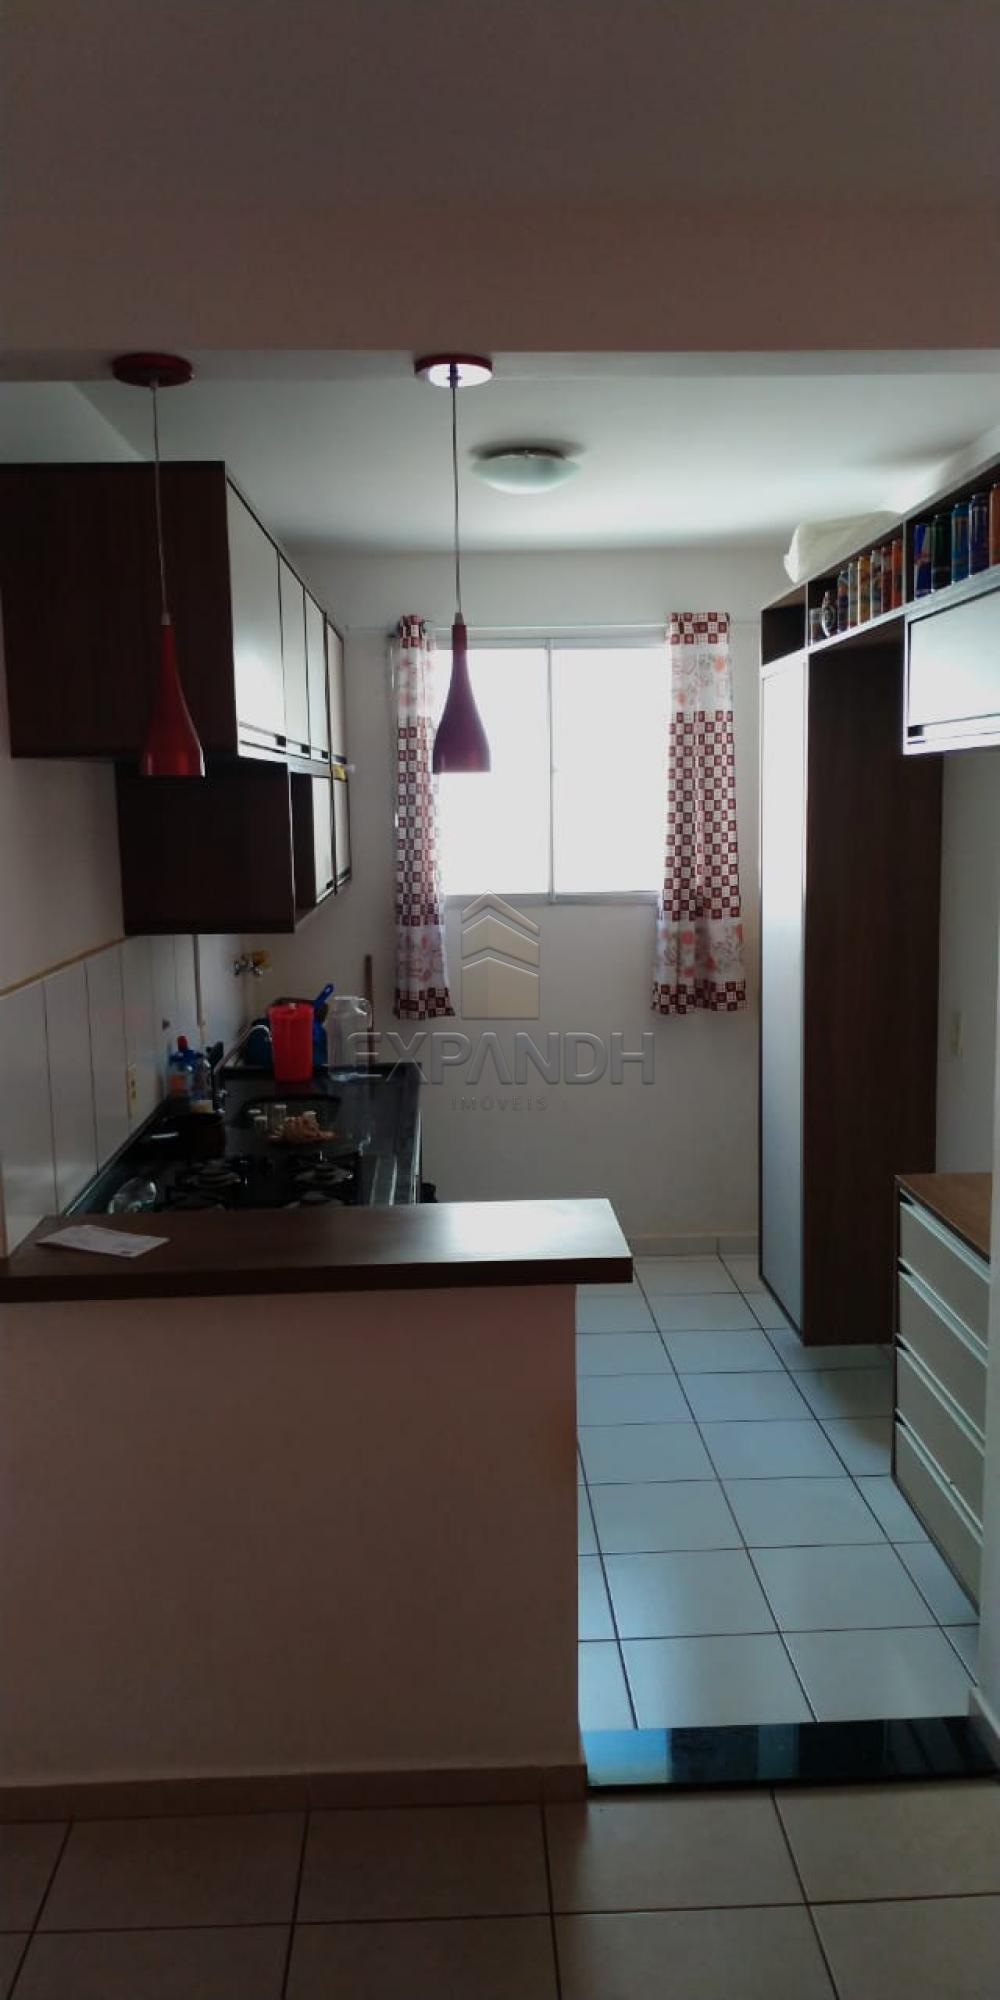 Comprar Apartamentos / Padrão em Sertãozinho R$ 148.000,00 - Foto 4